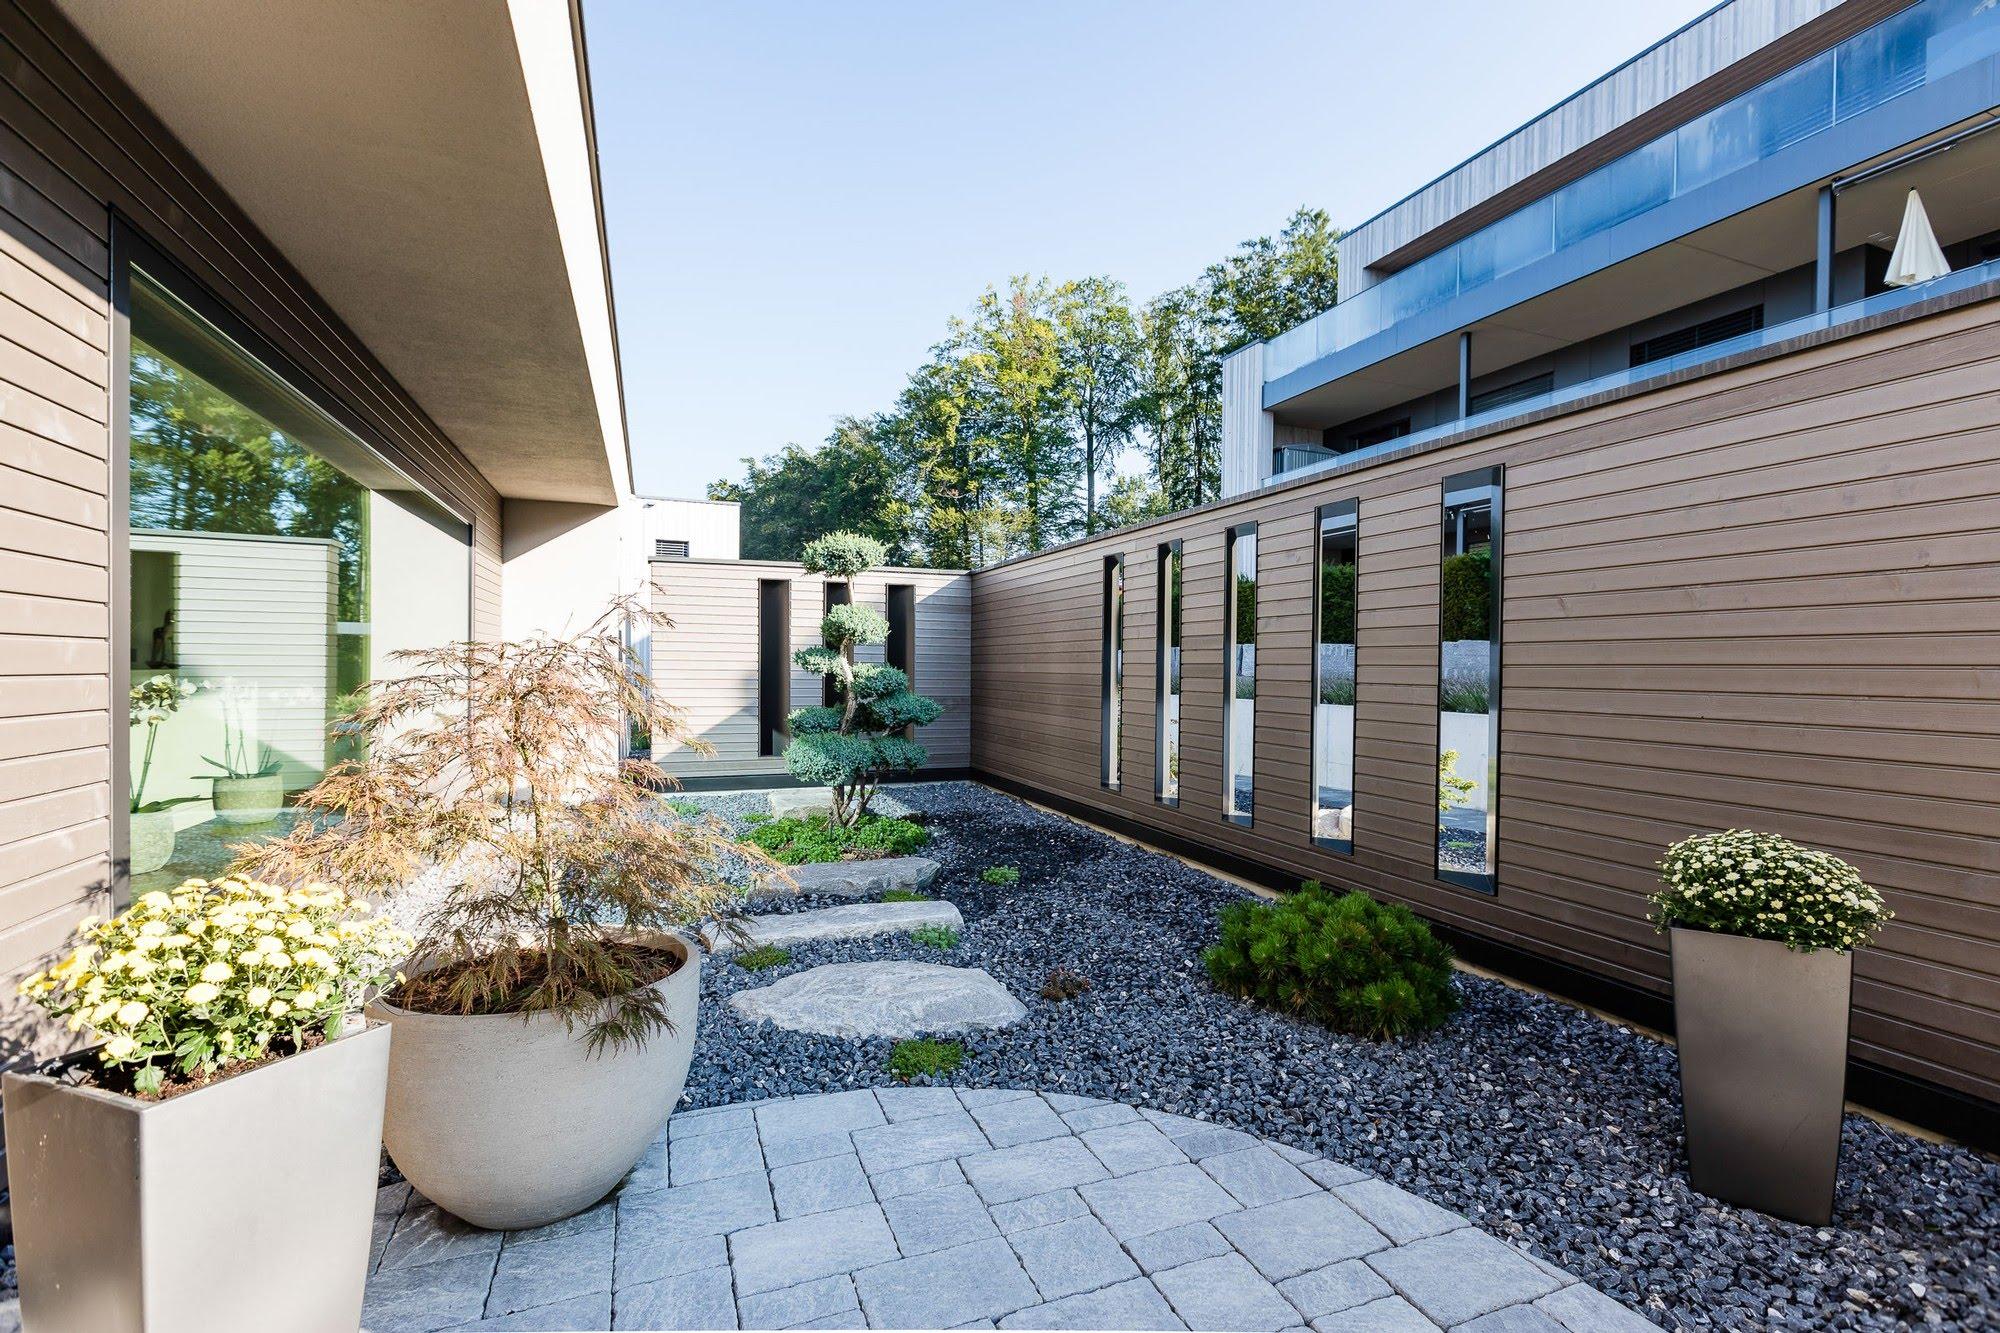 Wohnen EFH EFH 1 Striegelhöhe in Schenkon Architektur,Wohnungsbau,Wohnhäuser,Einfamilienhäuser,Mehrfamilienhäuser